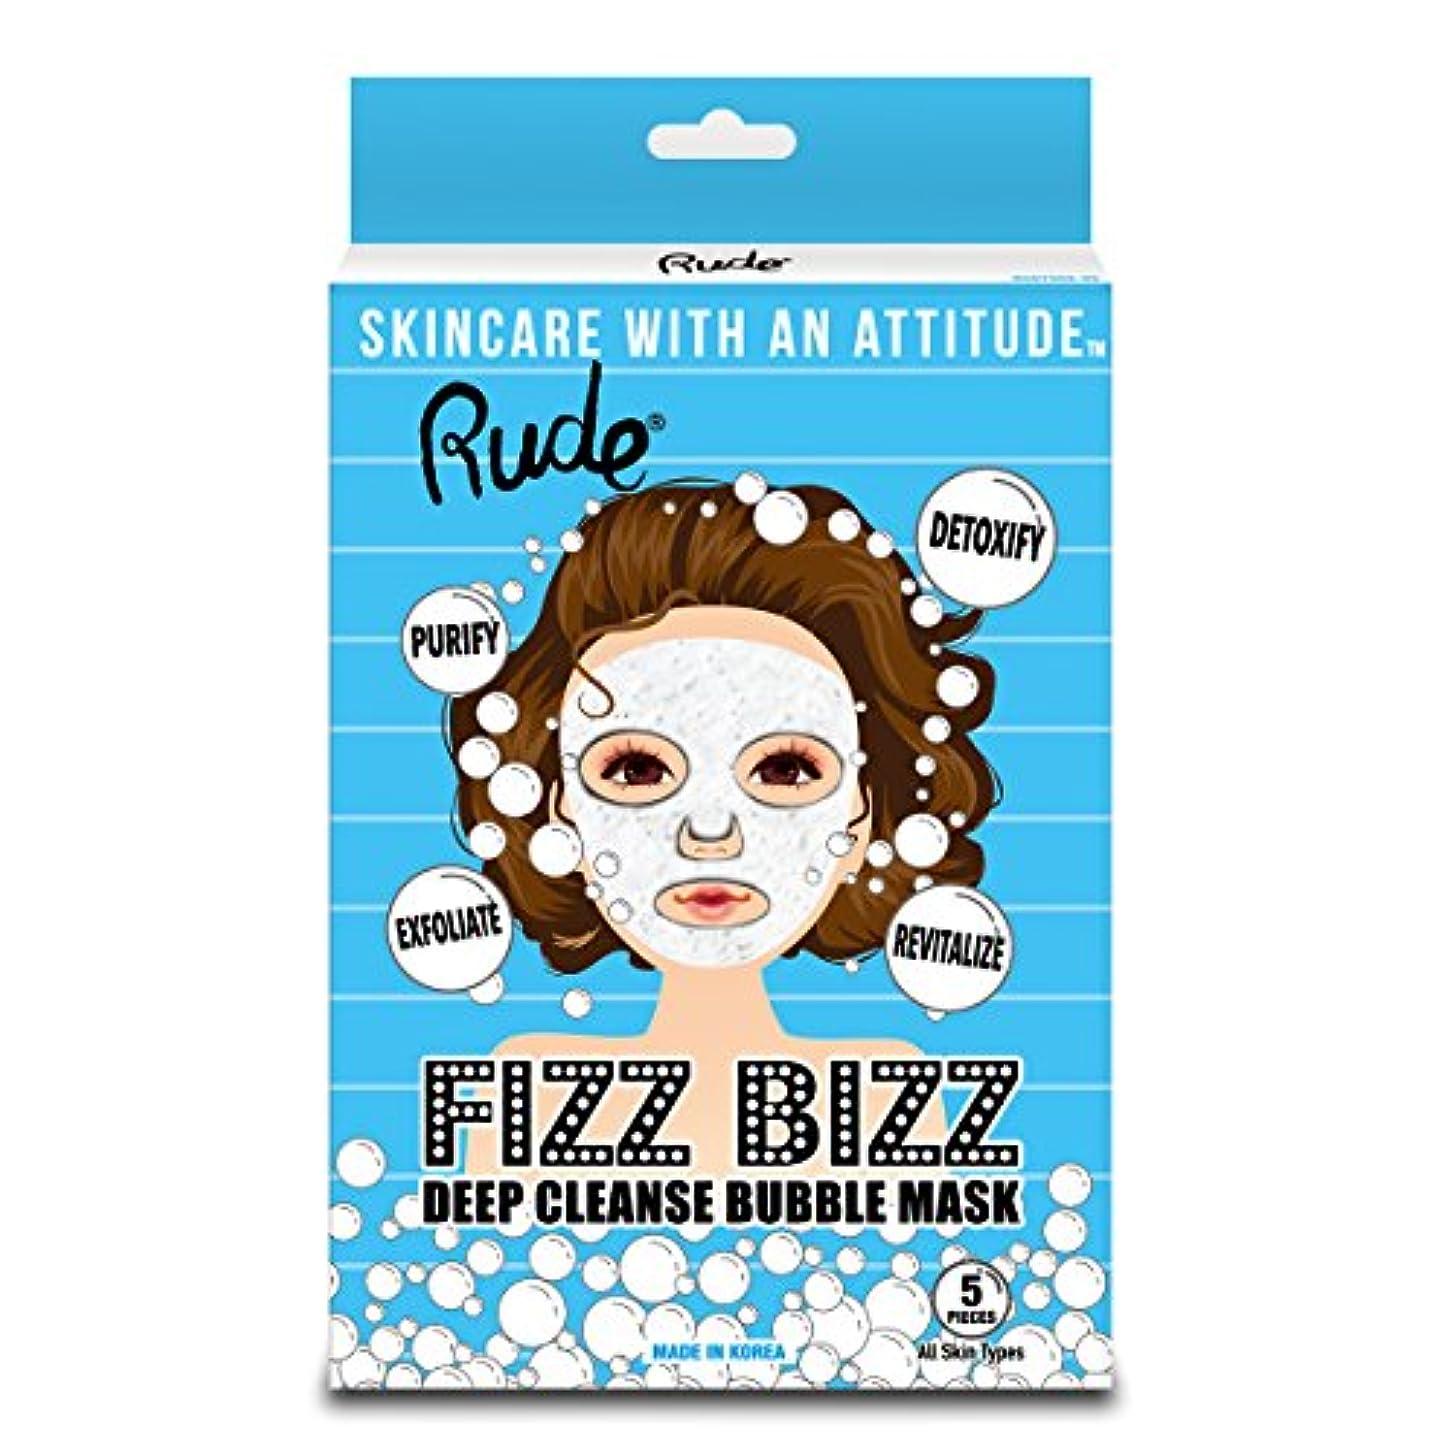 葉カロリー農奴RUDE Fizz Bizz Deep Cleanse Bubble Mask, Pack of 5 (並行輸入品)